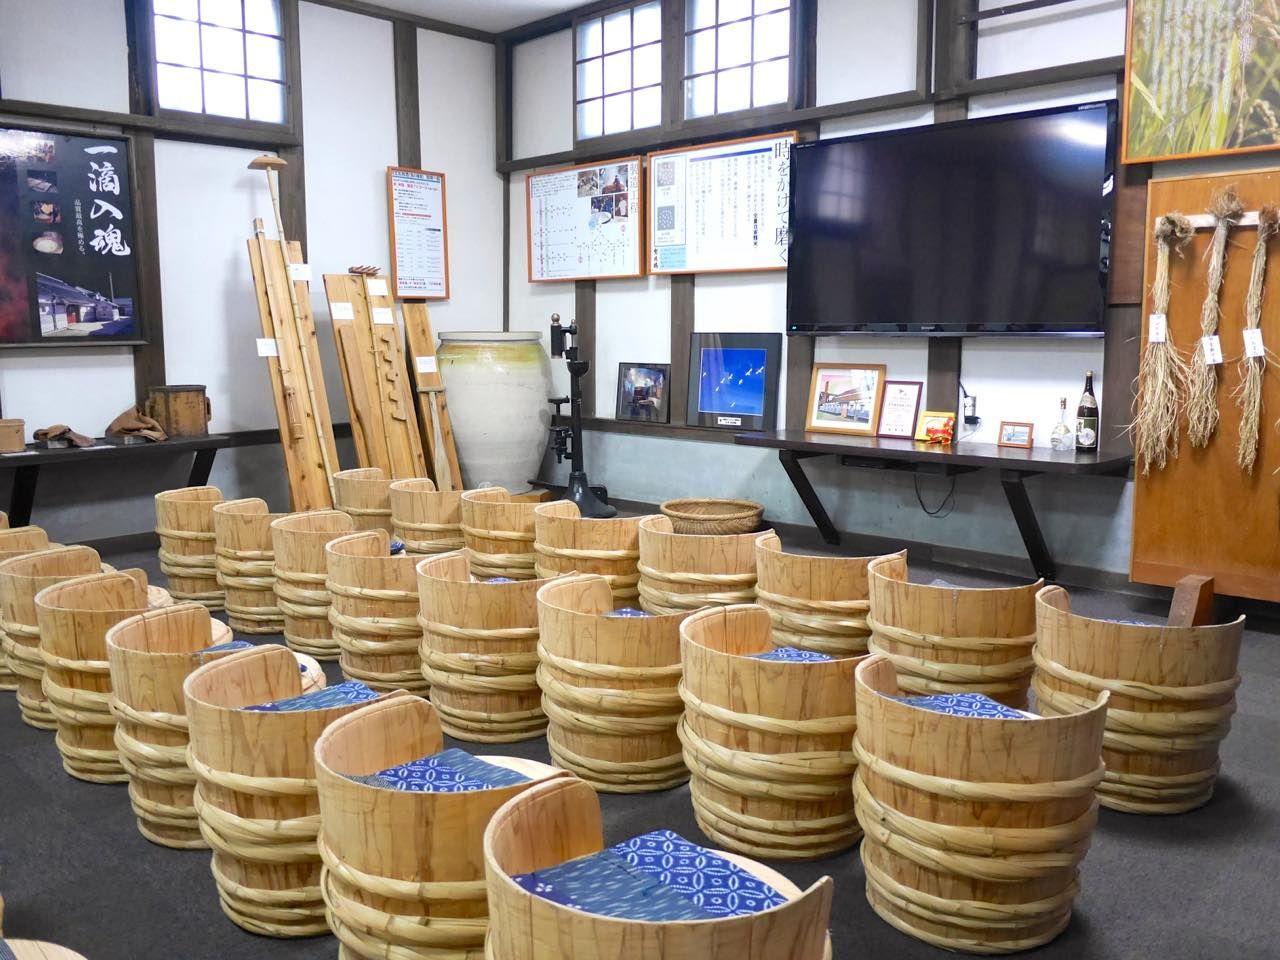 広島西条で酒蔵見学!酒造りの心を伝え続ける「賀茂鶴酒造」